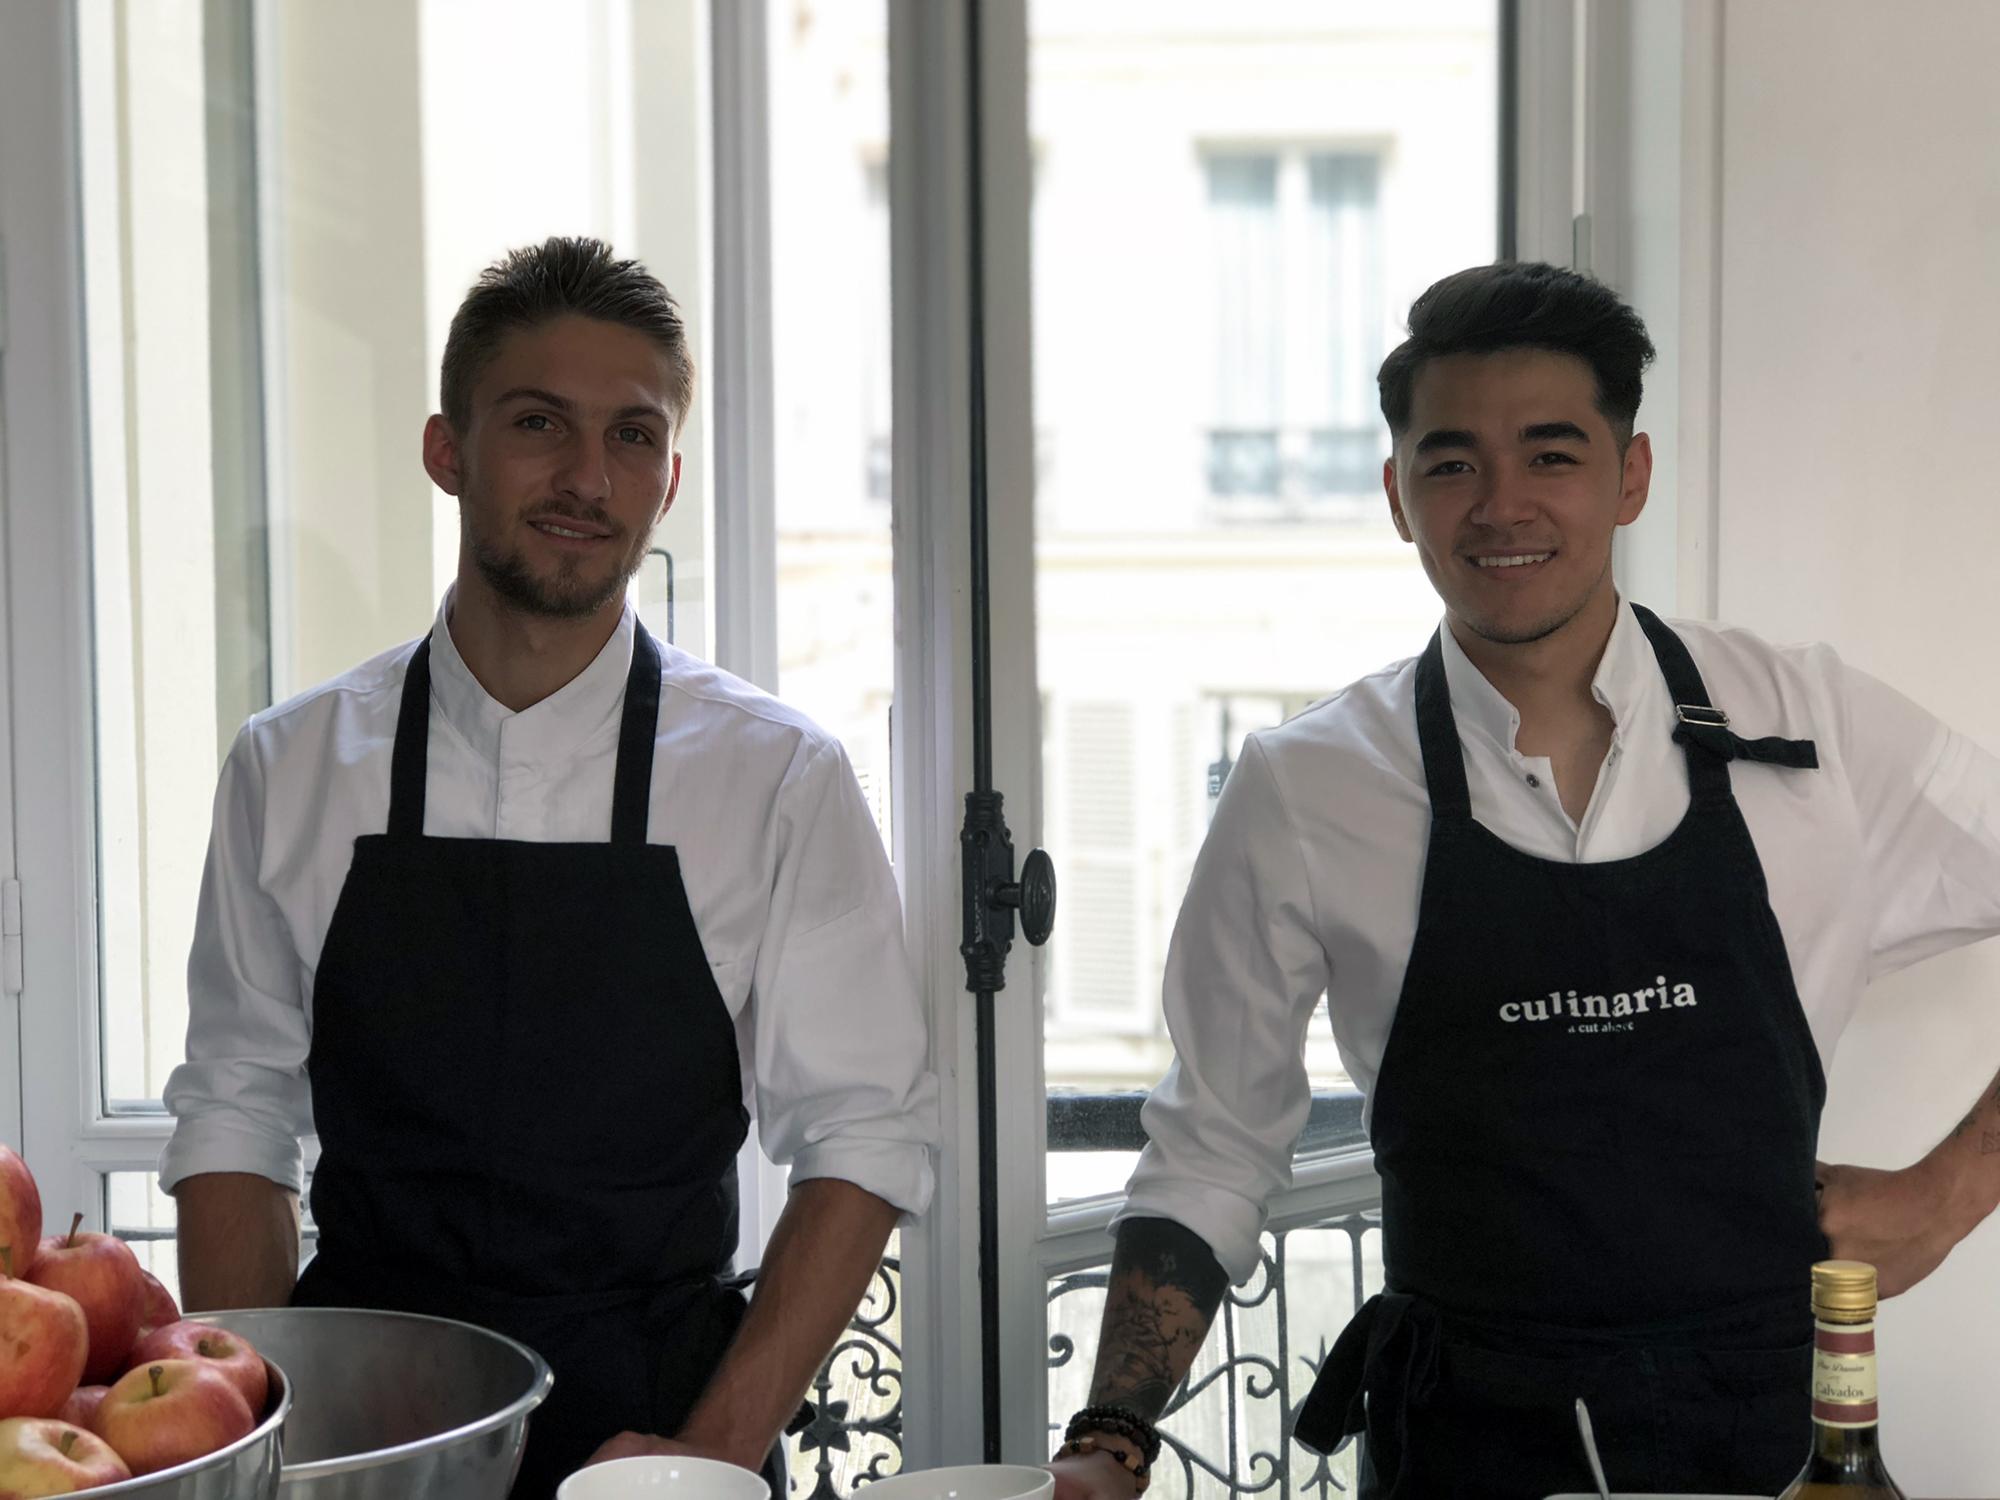 le jeune chef Geoffrey - top chef 2018 - pose avec le sourire et son tablier de cuisine